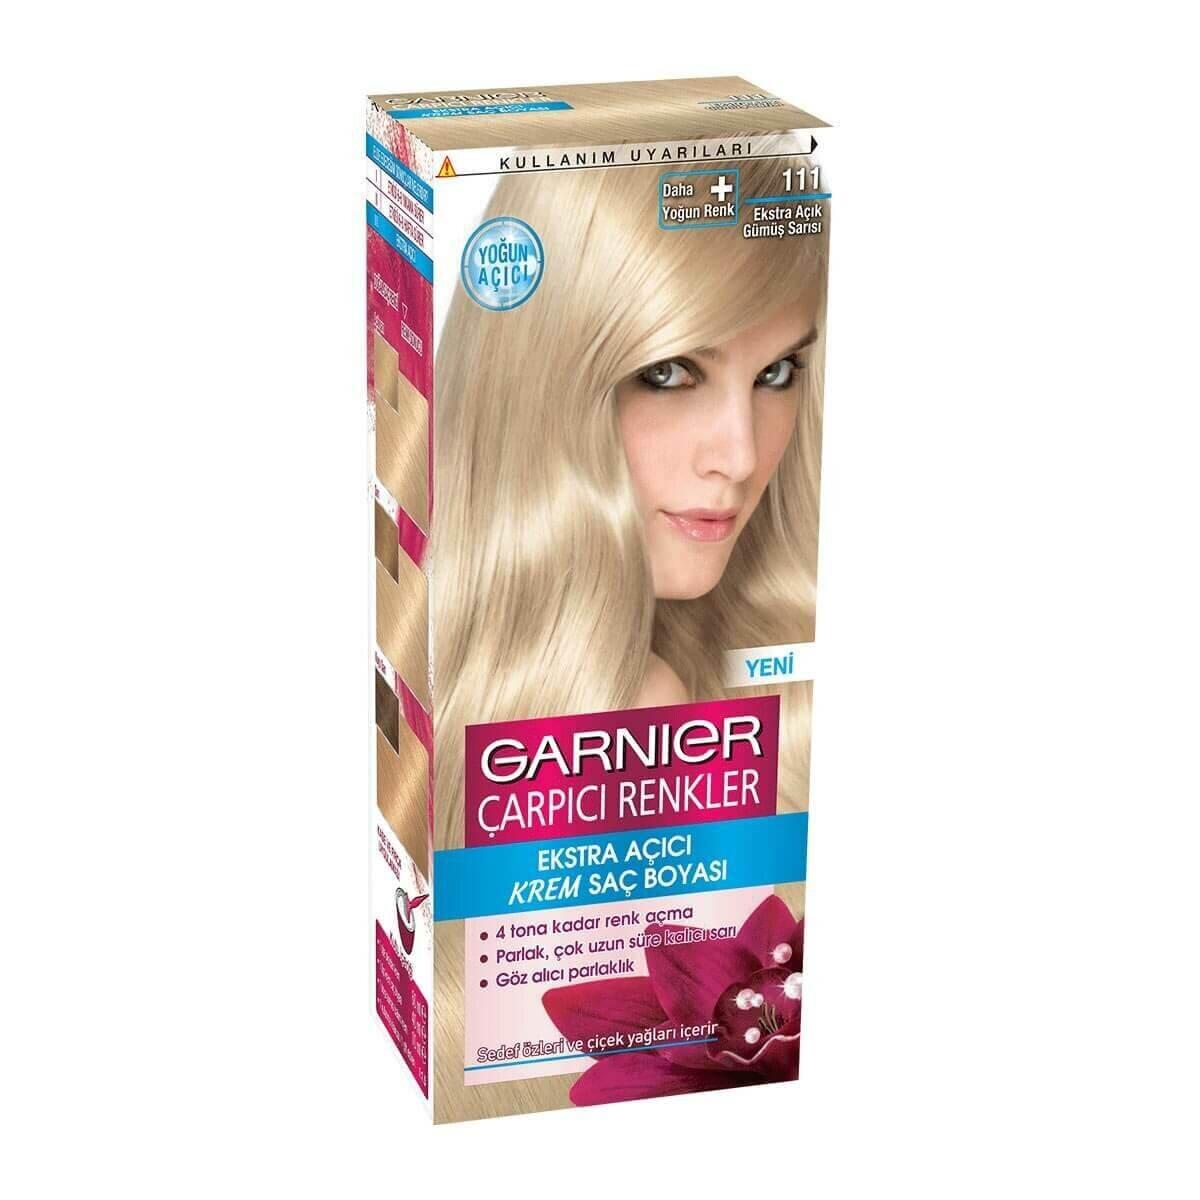 çarpıcı Renkler Saç Boyası 111 Ekstra Açık Gümüş Sarısı Garnier